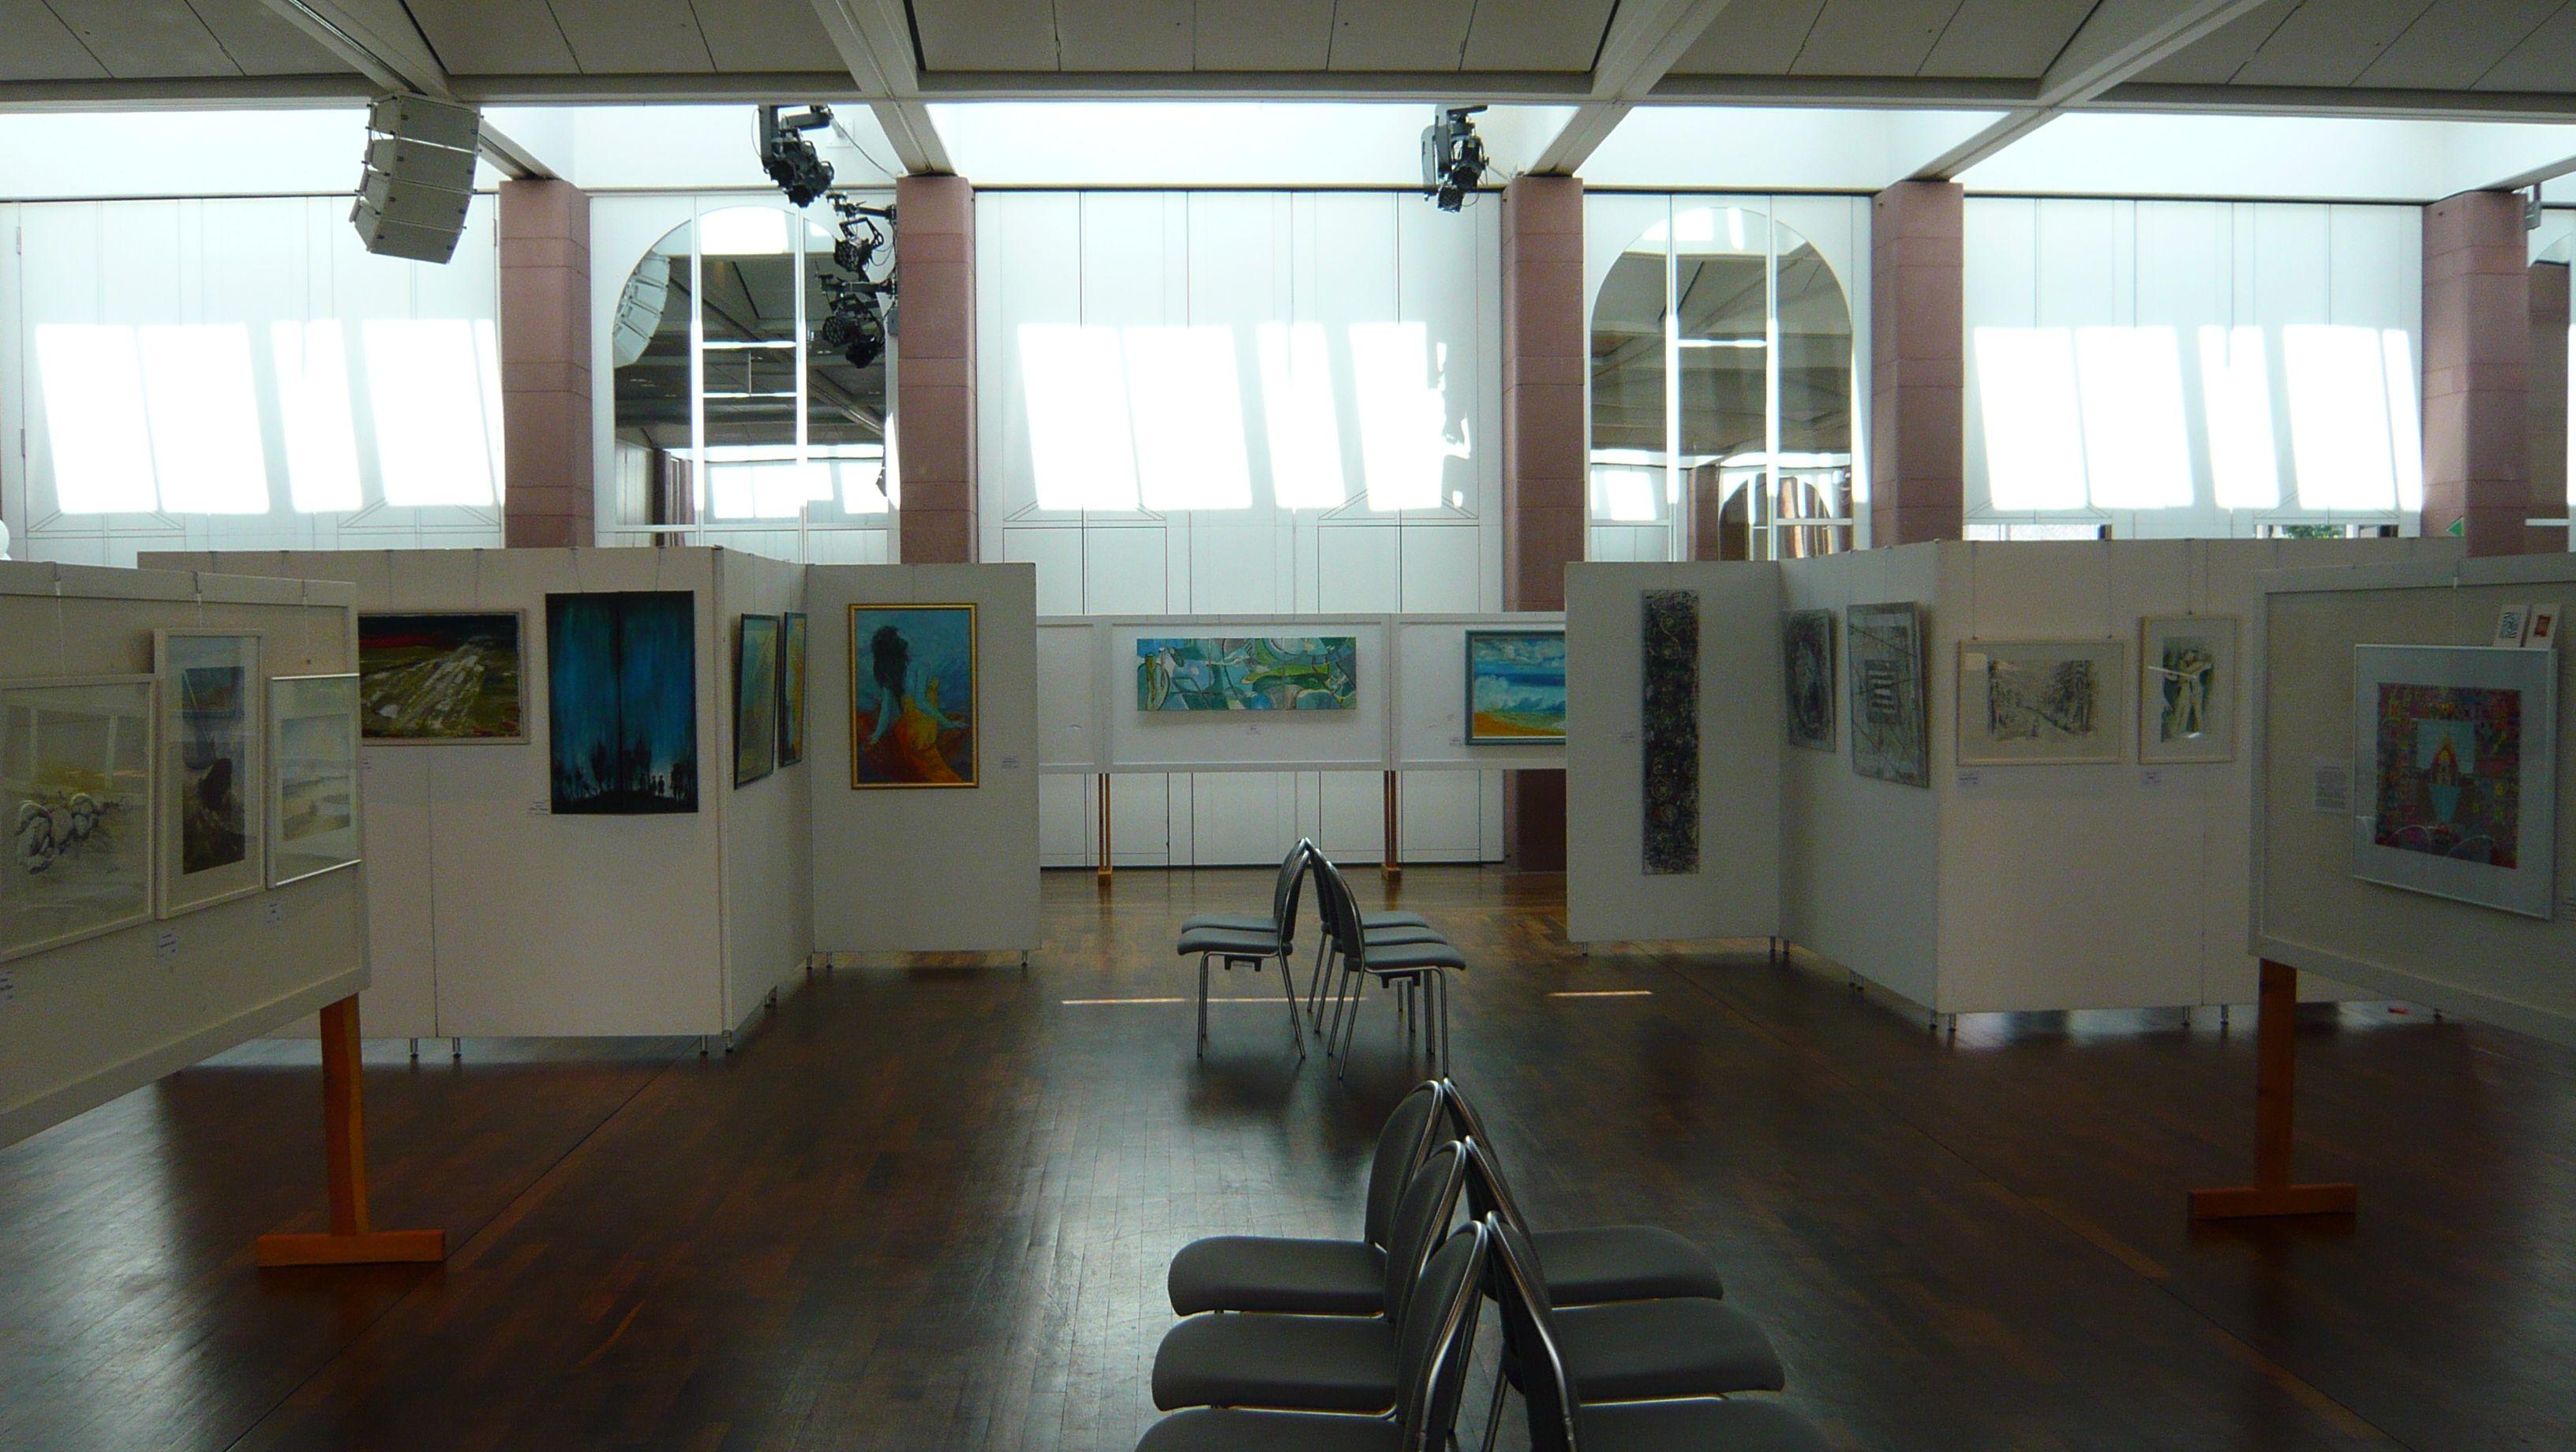 B4AusstellungArtEttlingeneVSchlossgartenhalle2010